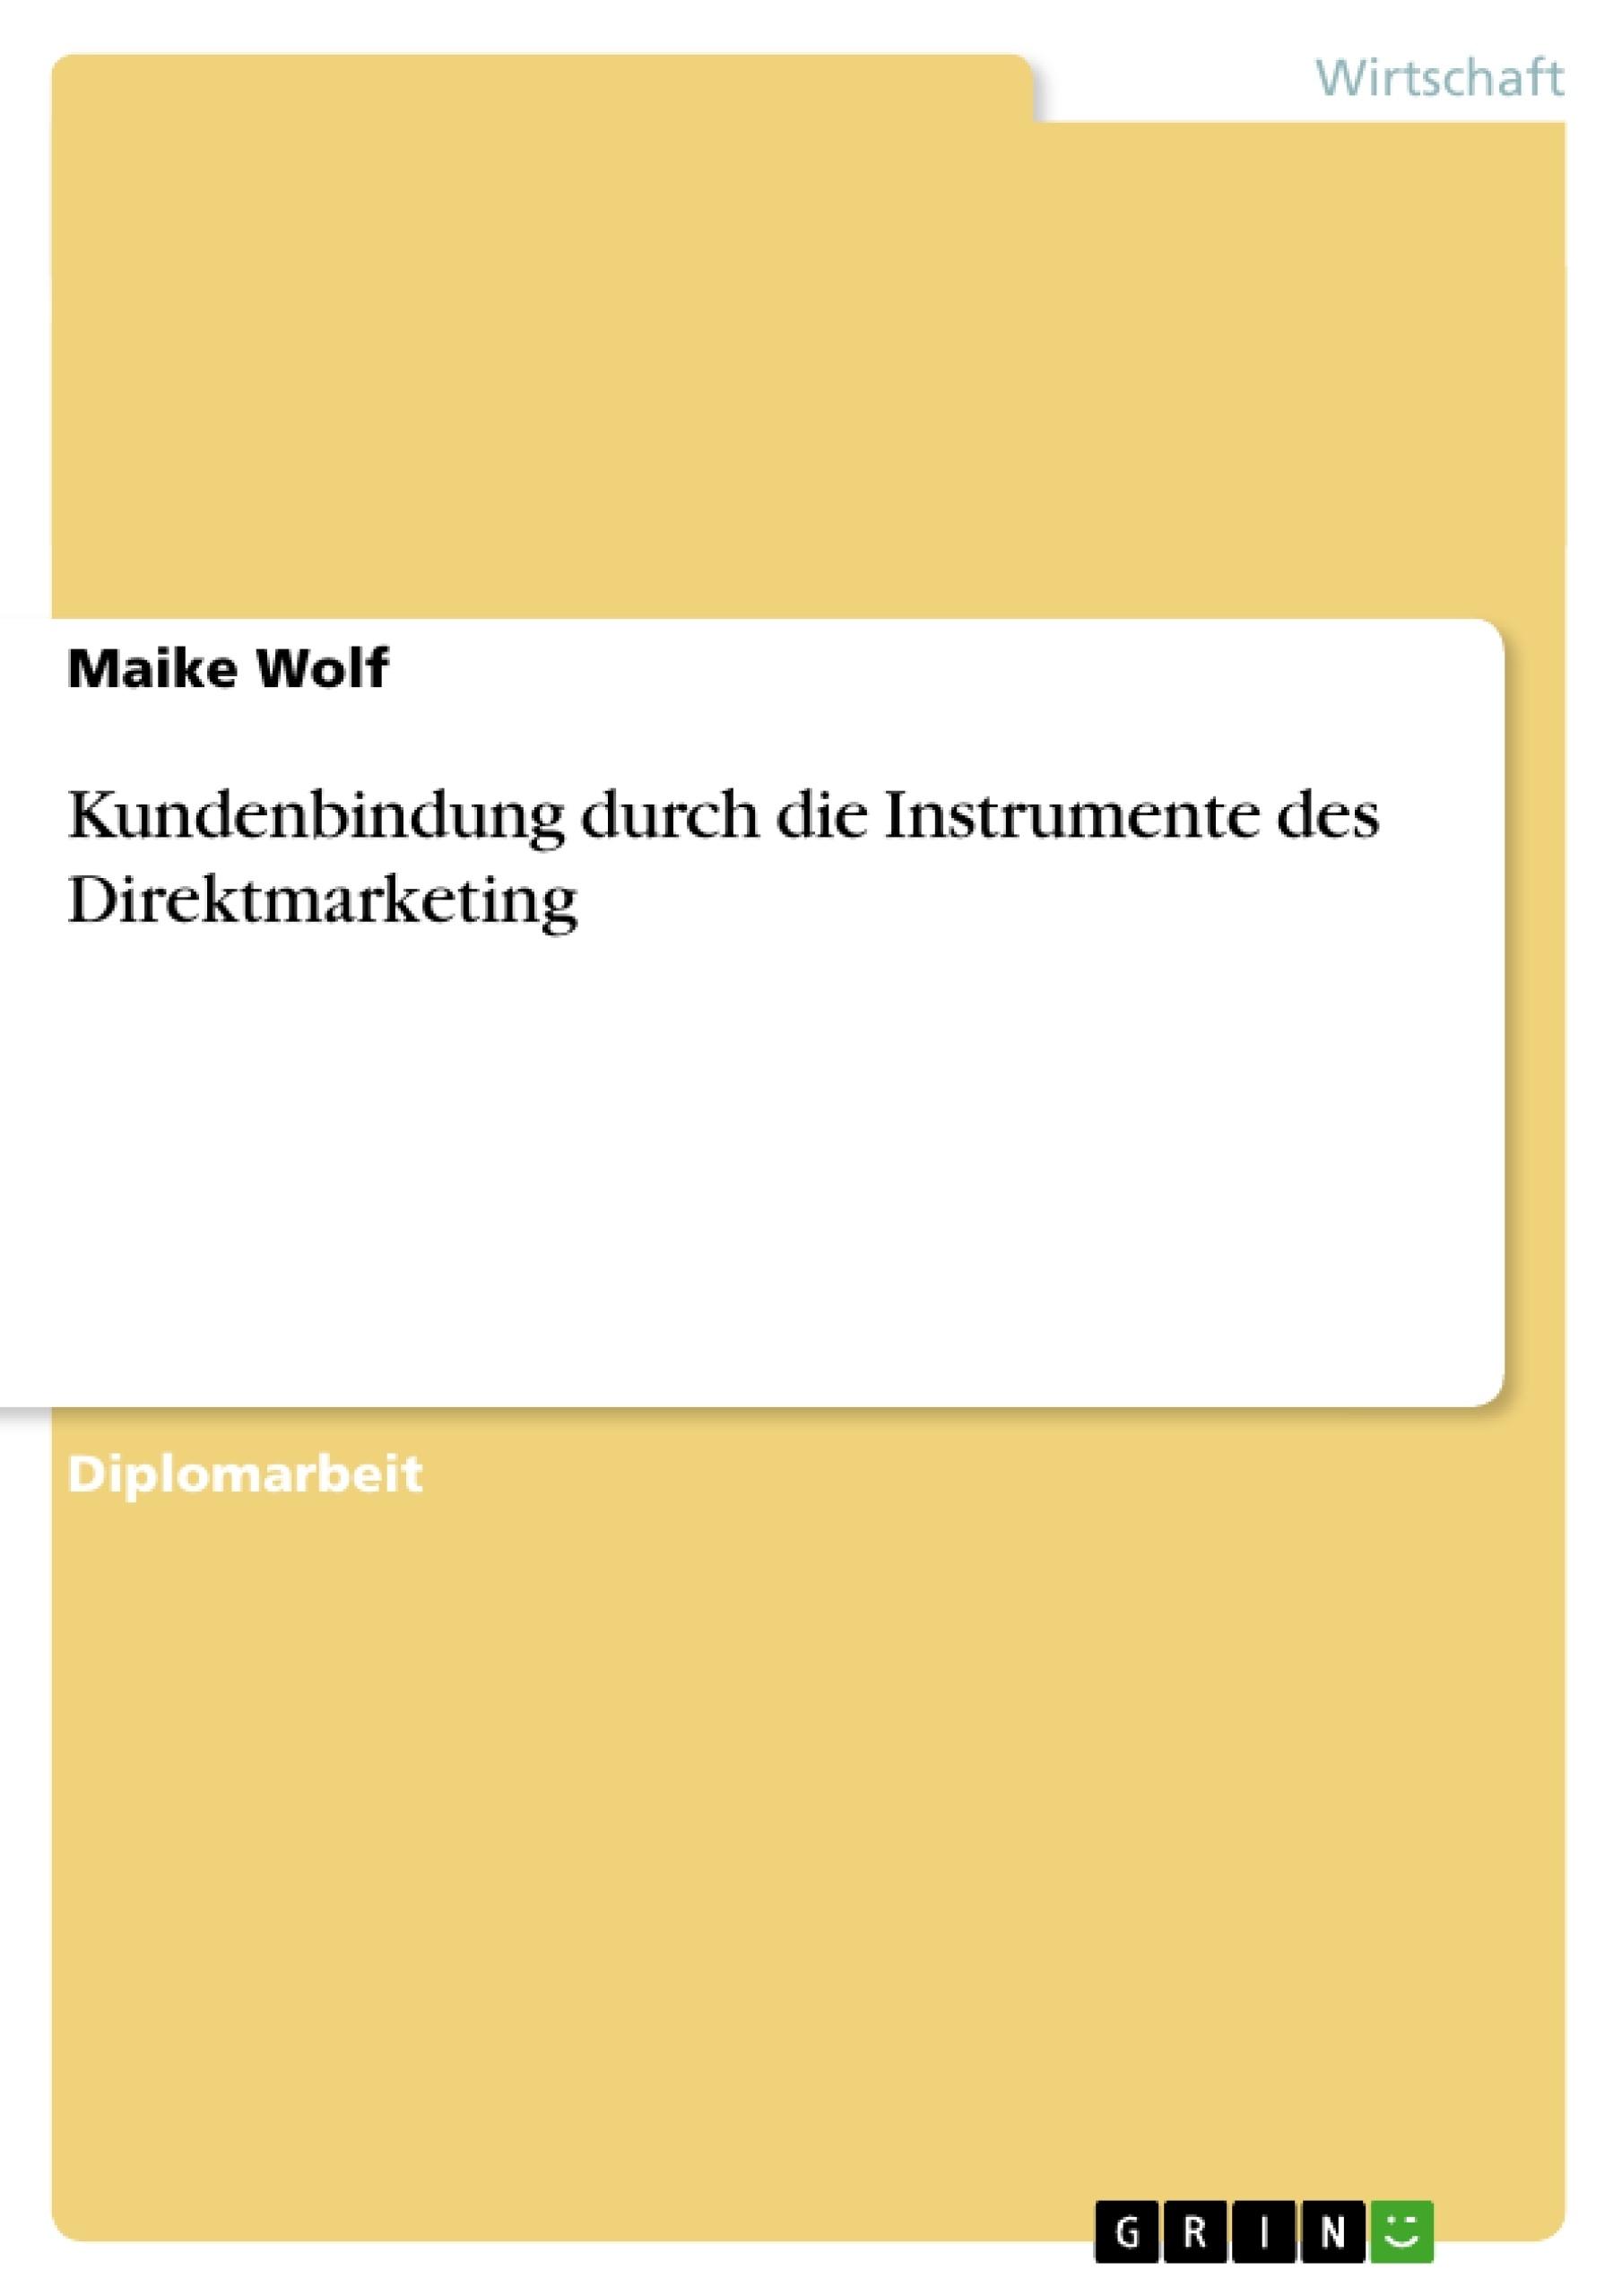 Titel: Kundenbindung durch die Instrumente des Direktmarketing